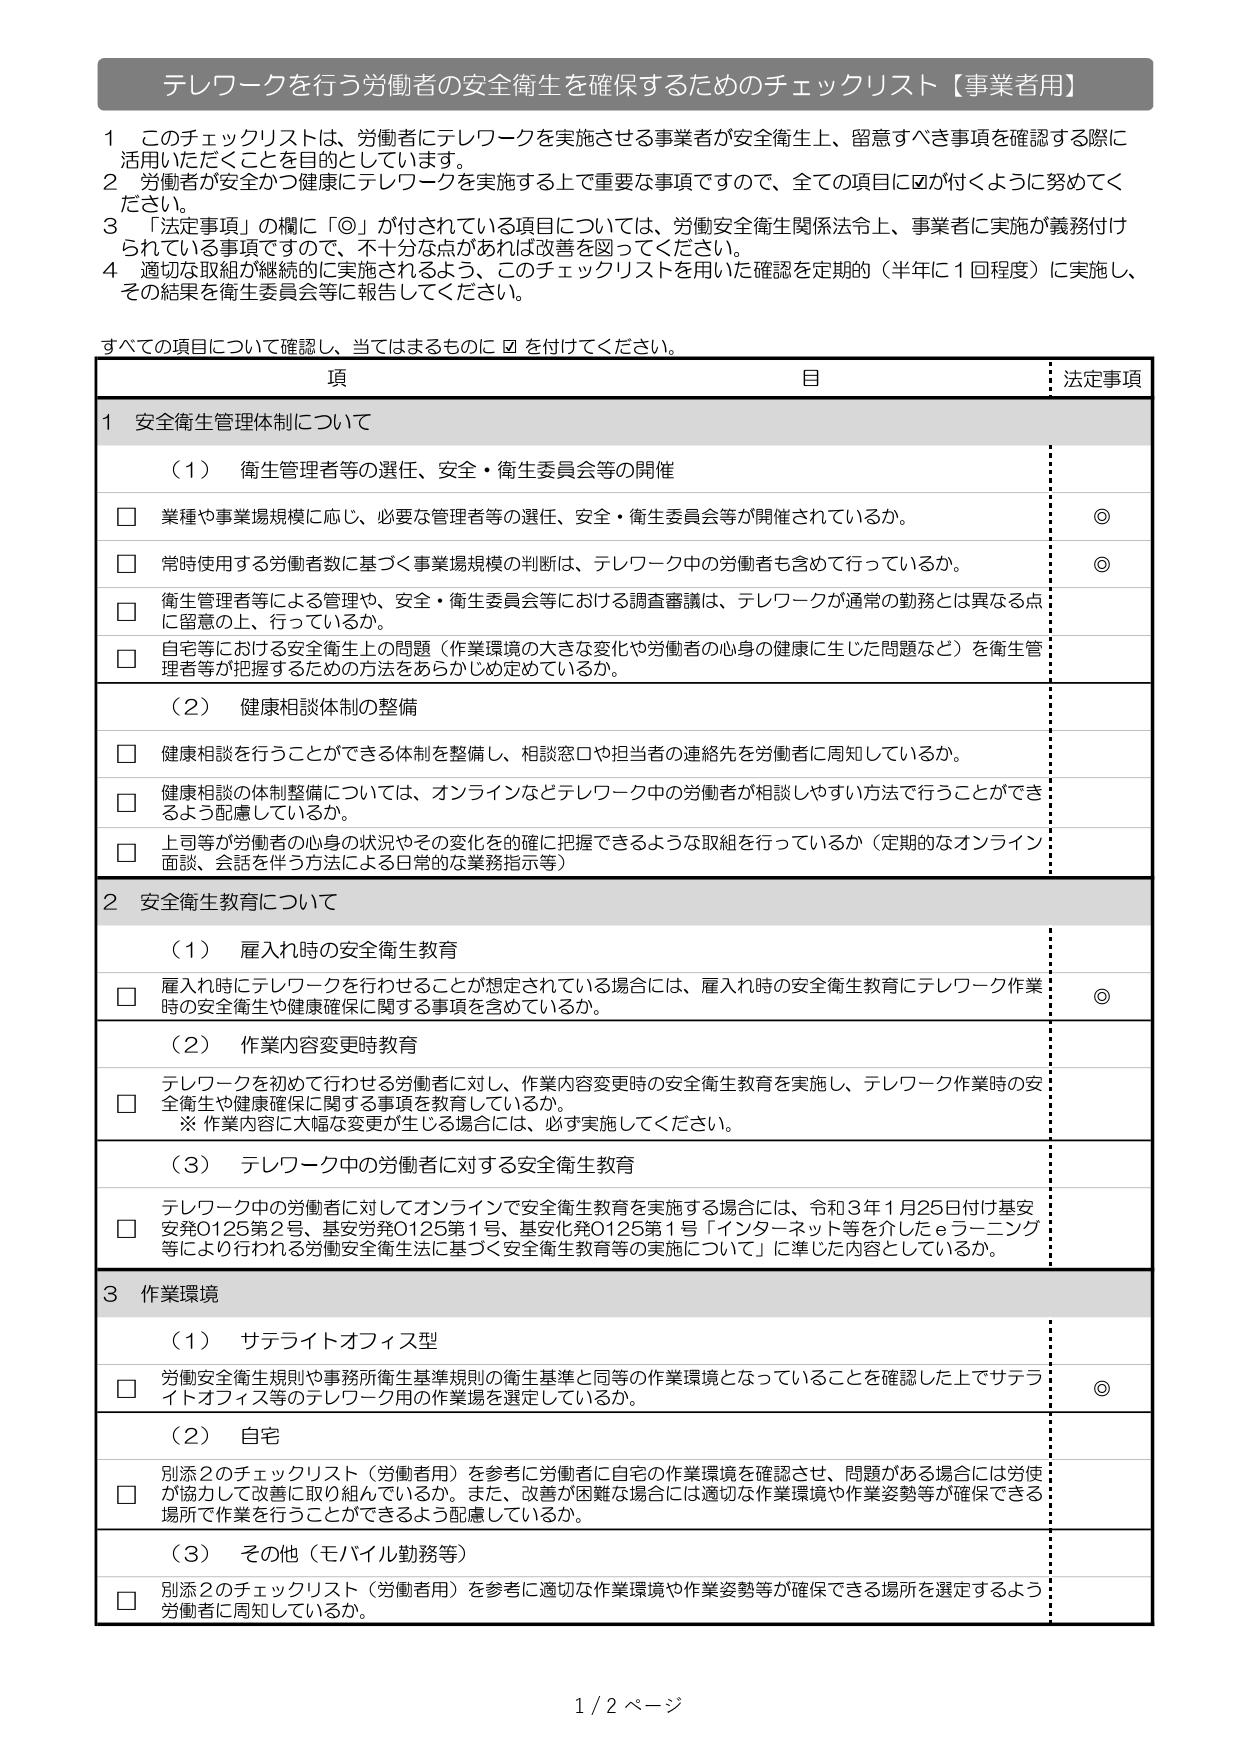 テレワークを行う労働者の安全衛生を確保するためのチェックリスト【事業者用】